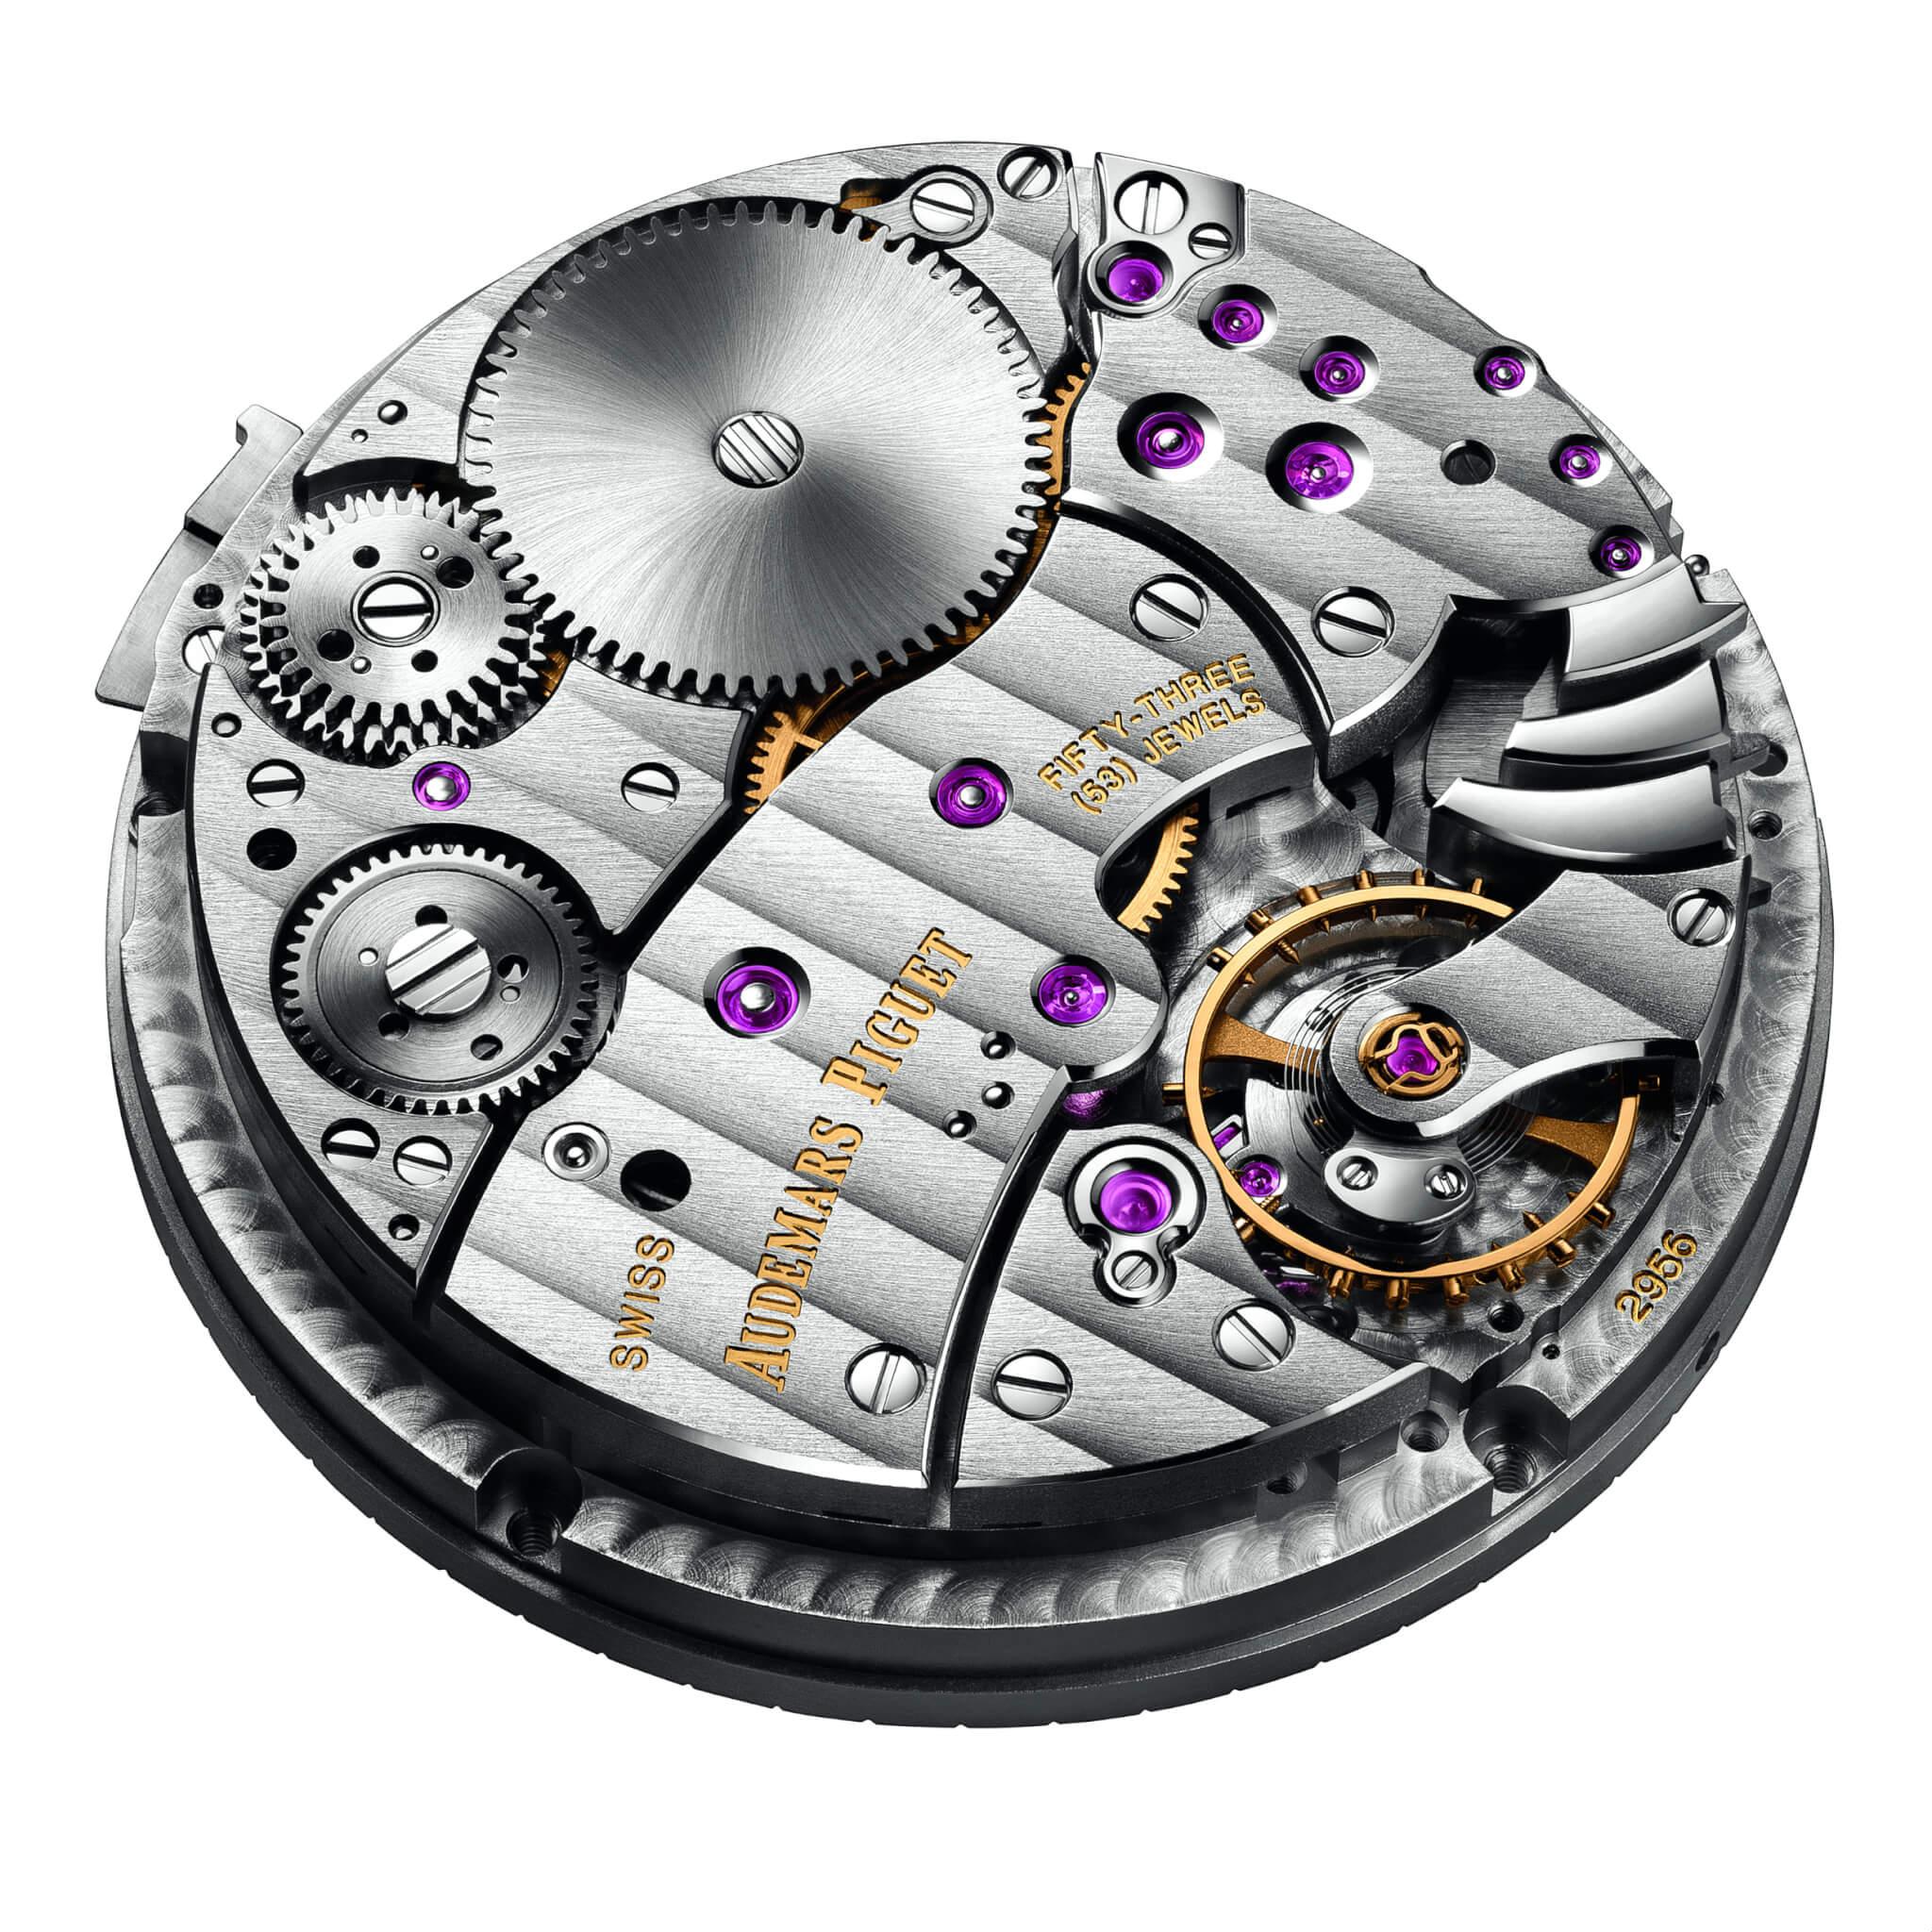 2956機芯報時裝置的3個音錘位於擺輪右側,清晰可見。